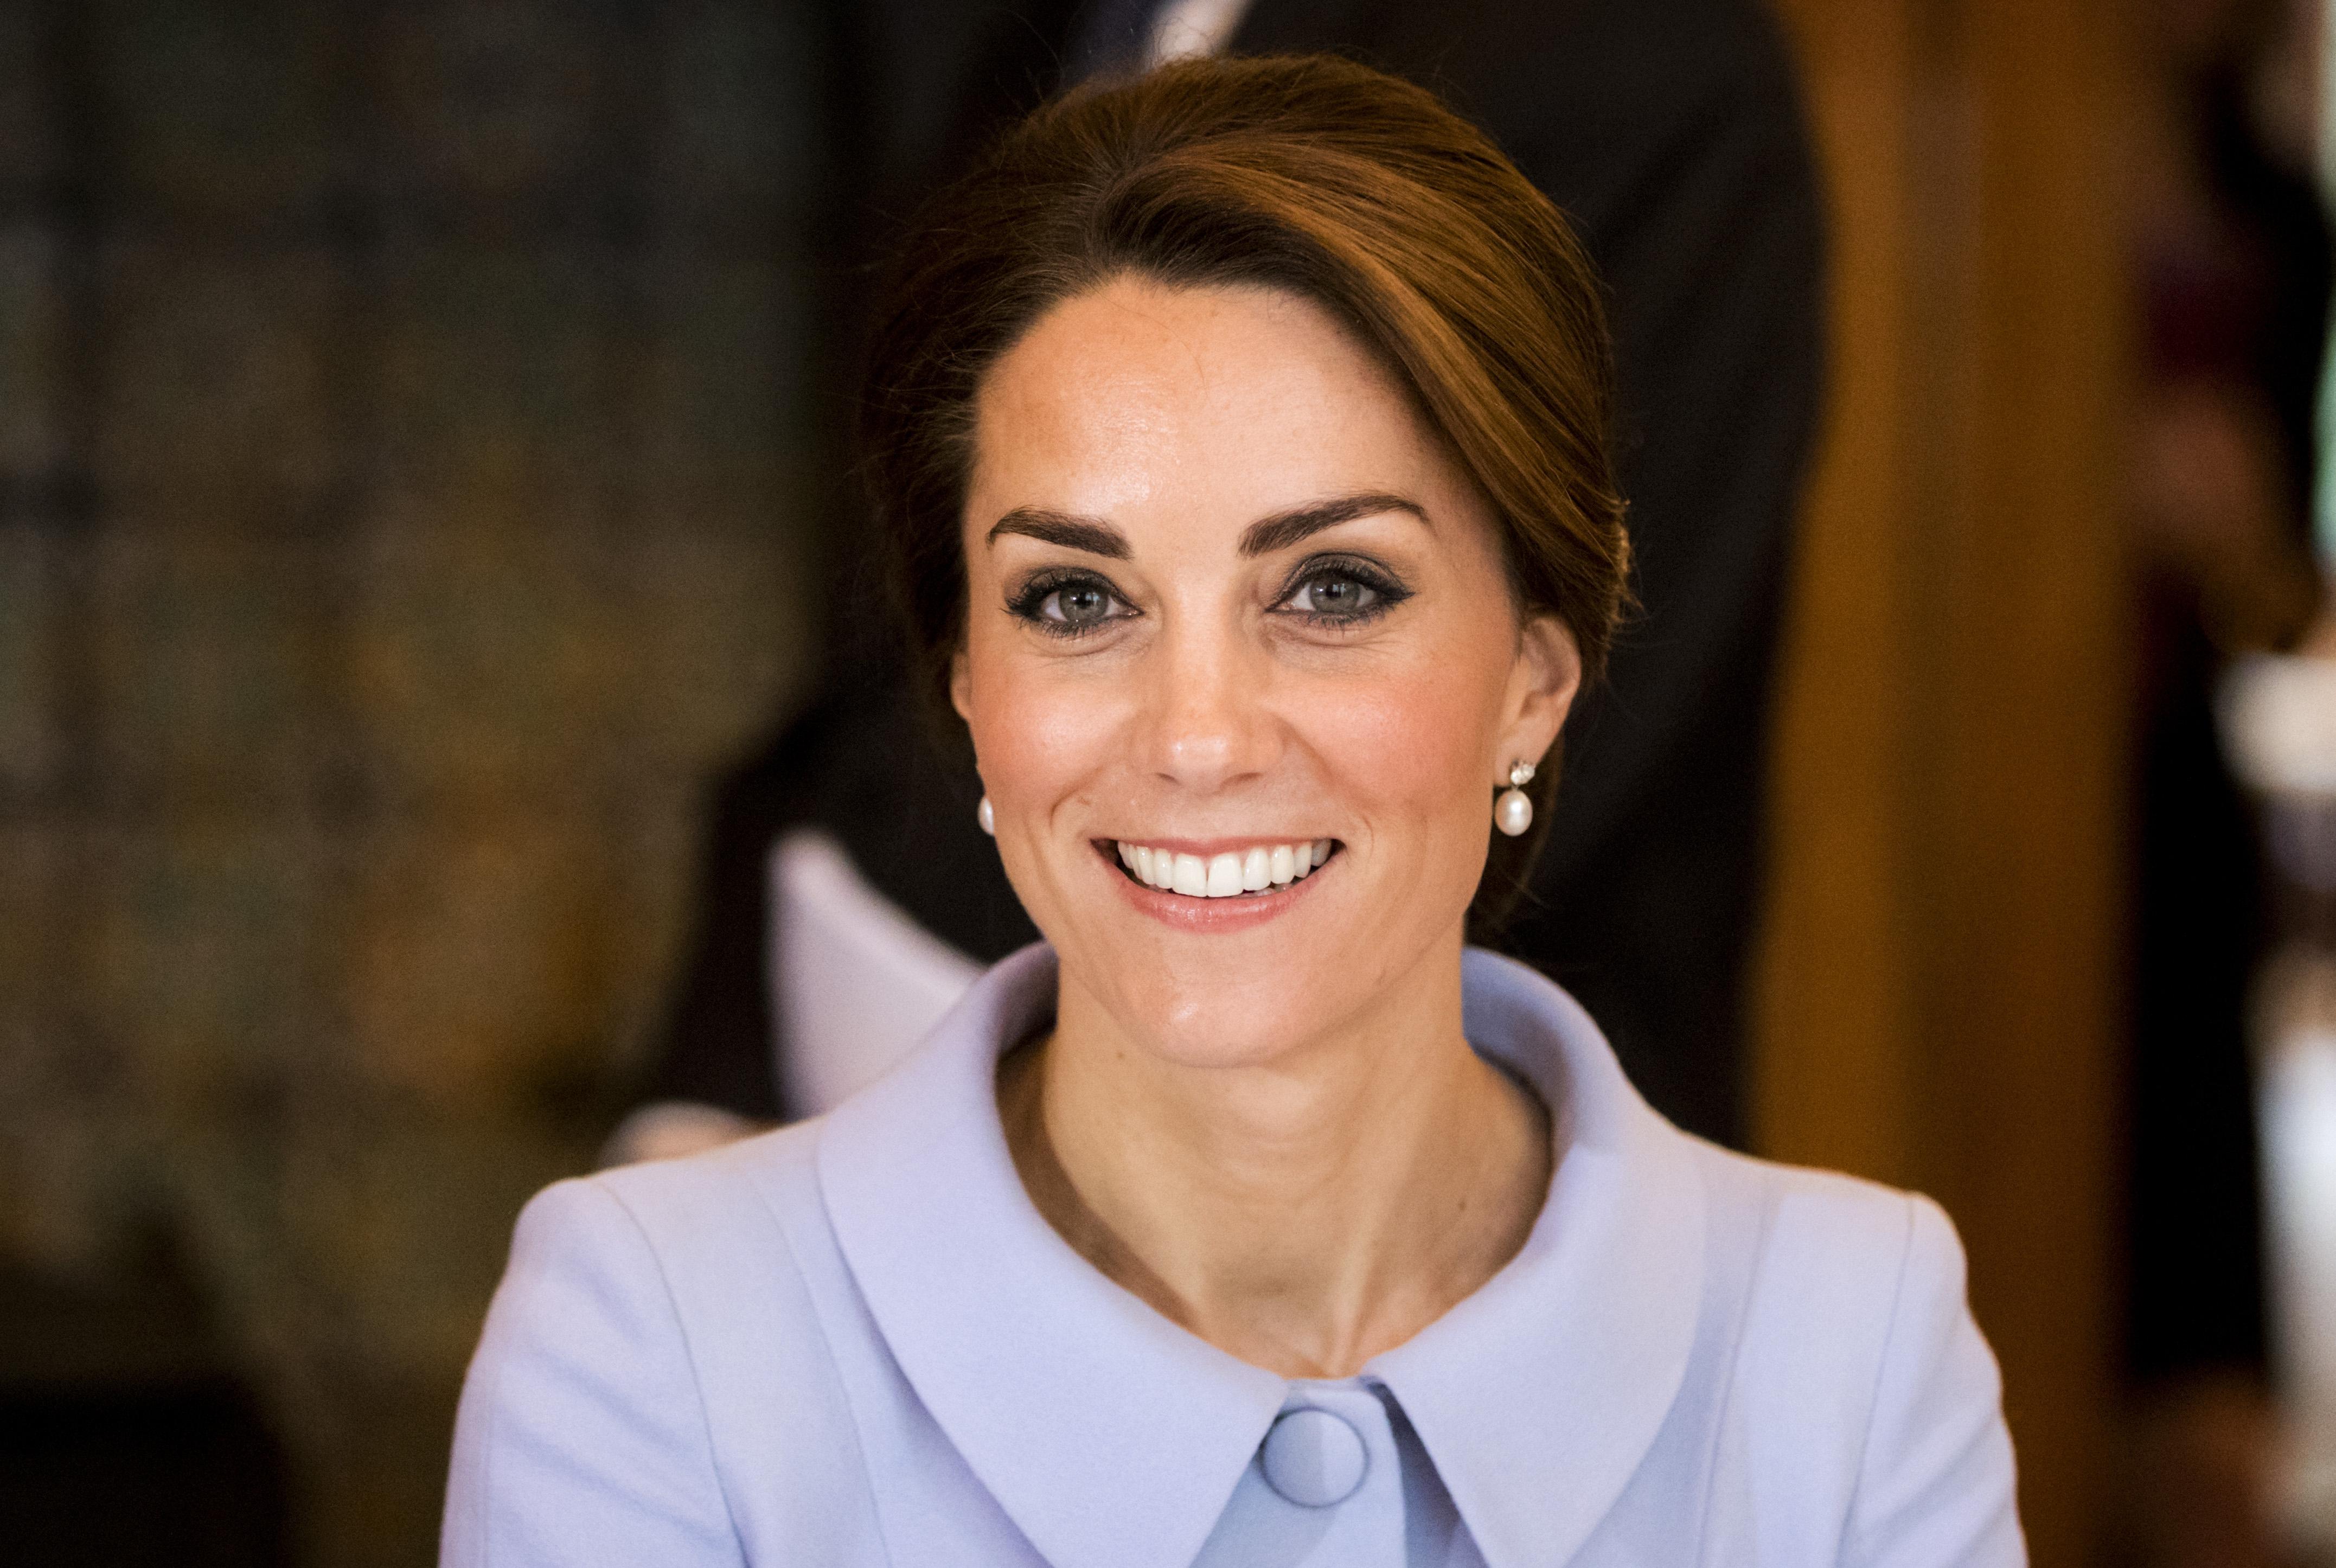 Dit is de verrassende beautyhack achter de stralende huid van Kate Middleton